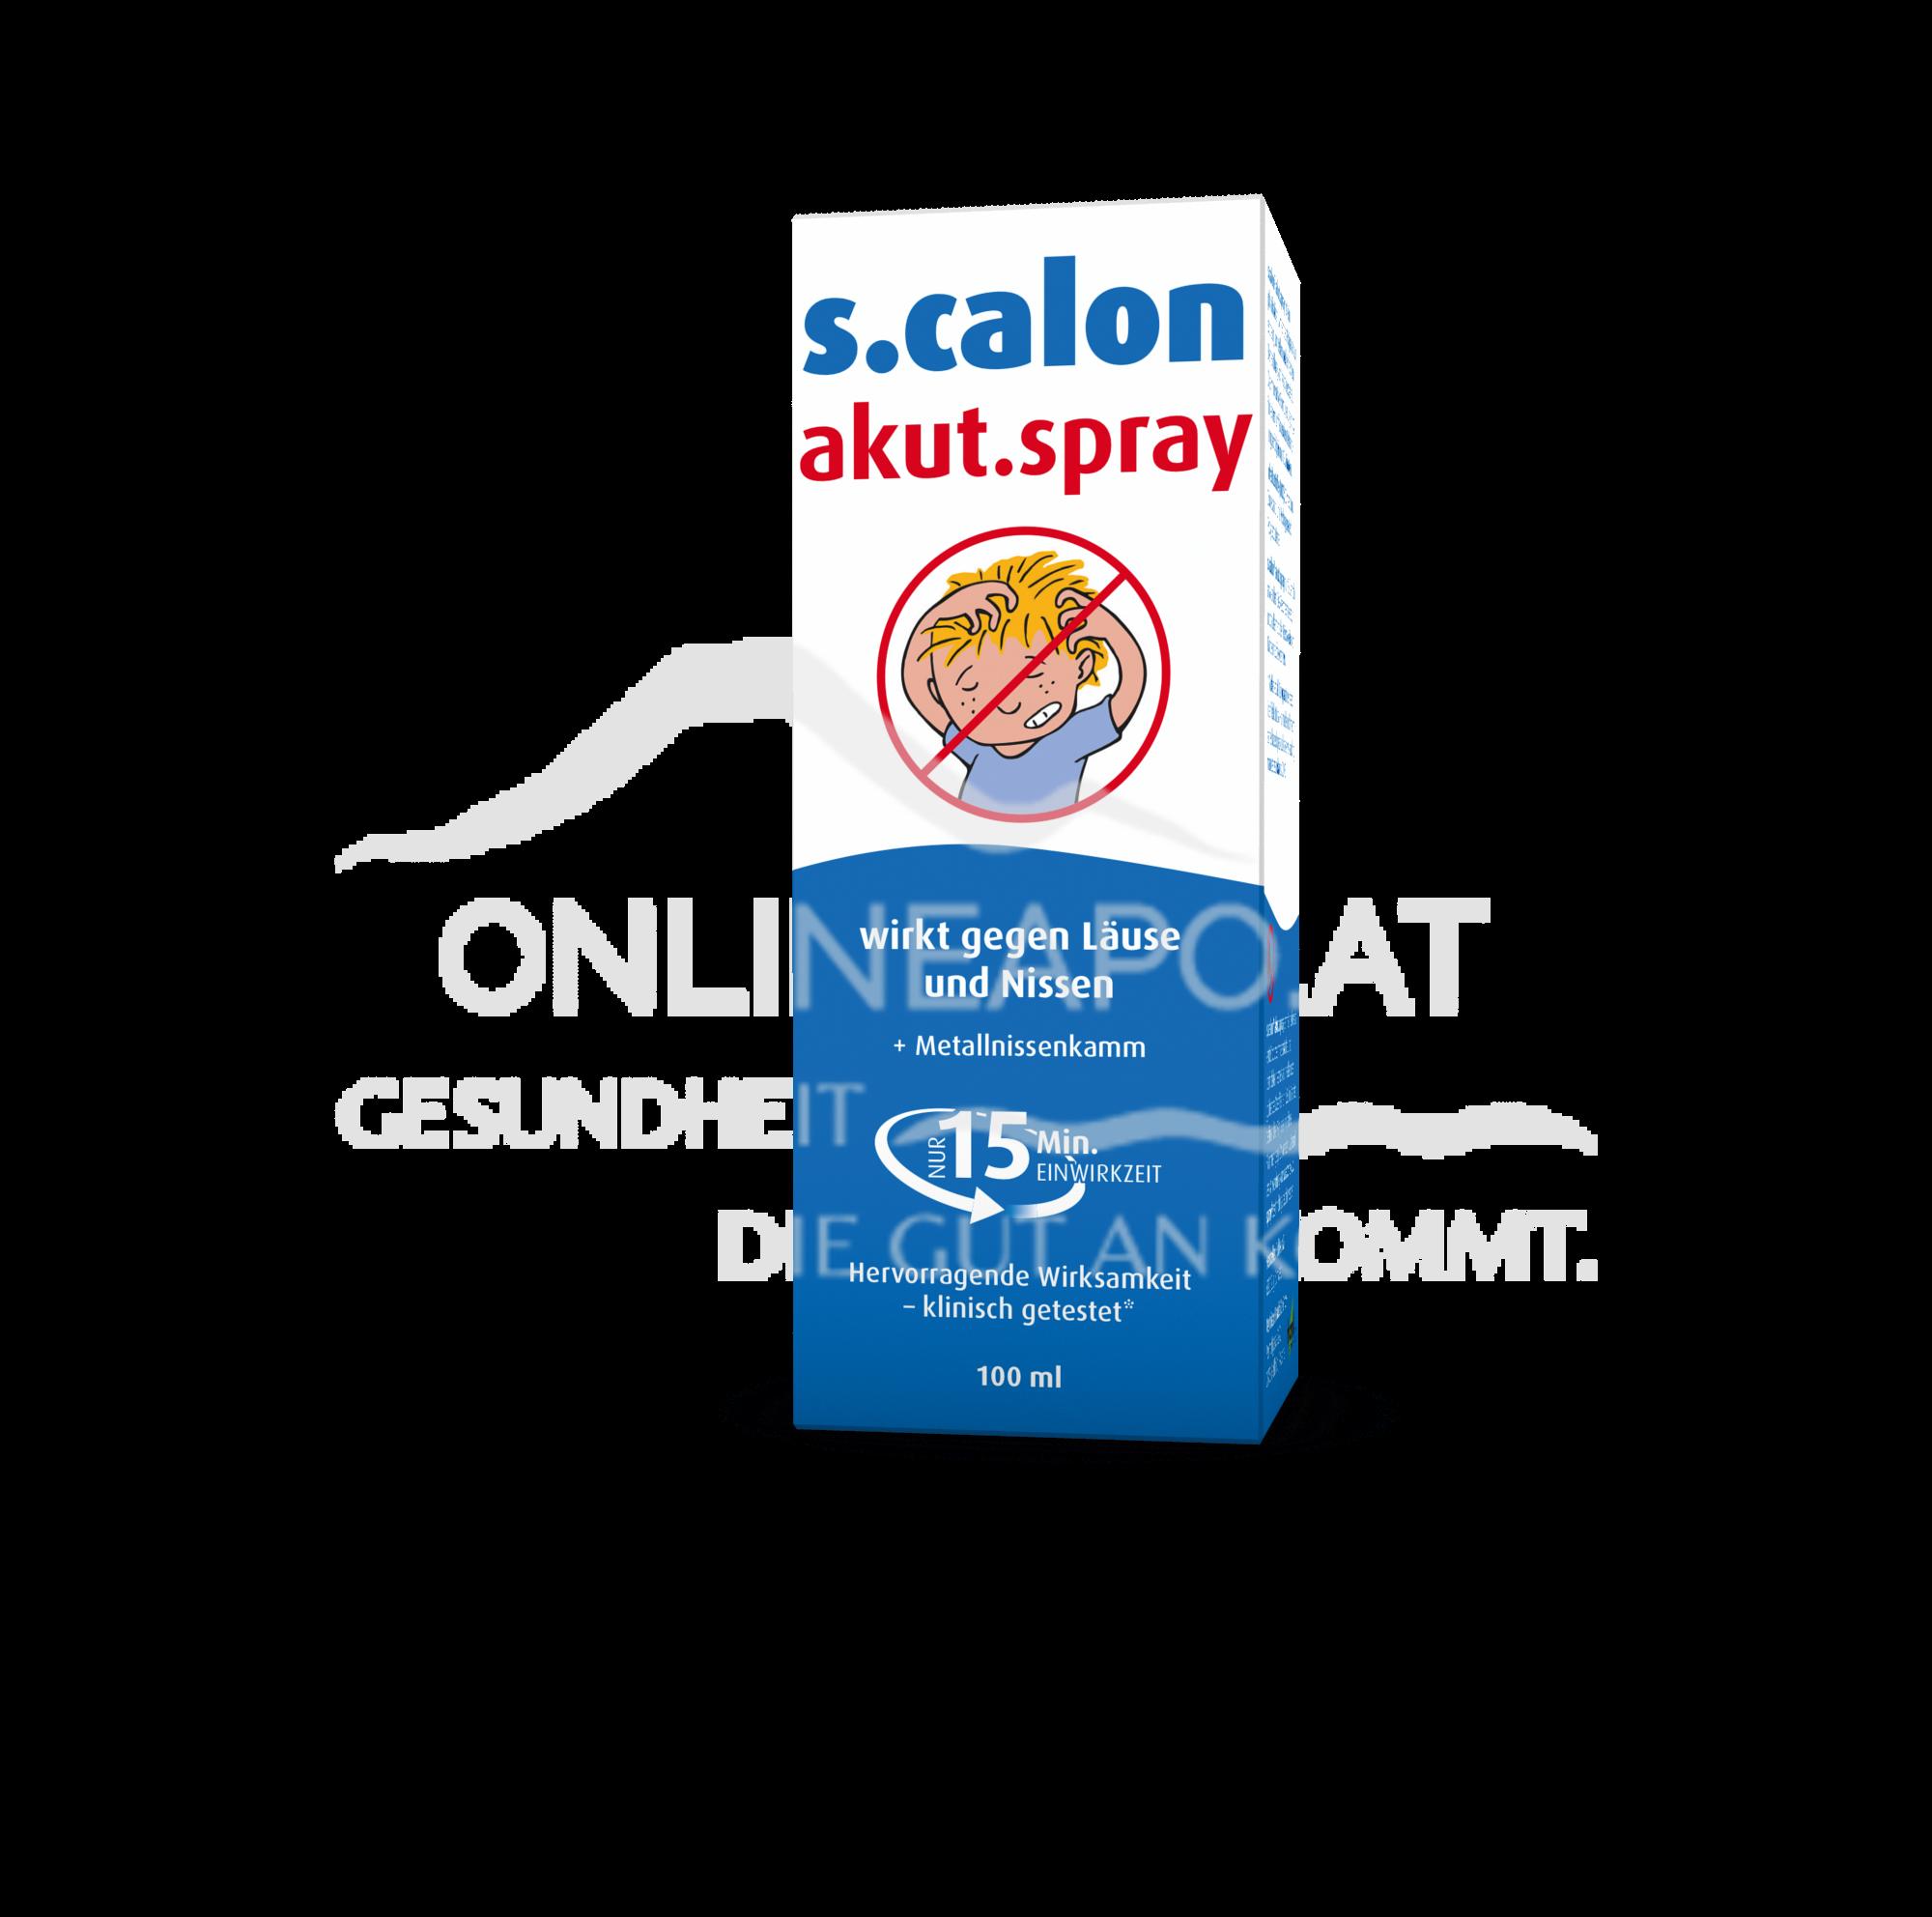 s.calon AKUT Spray mit Nissenkamm